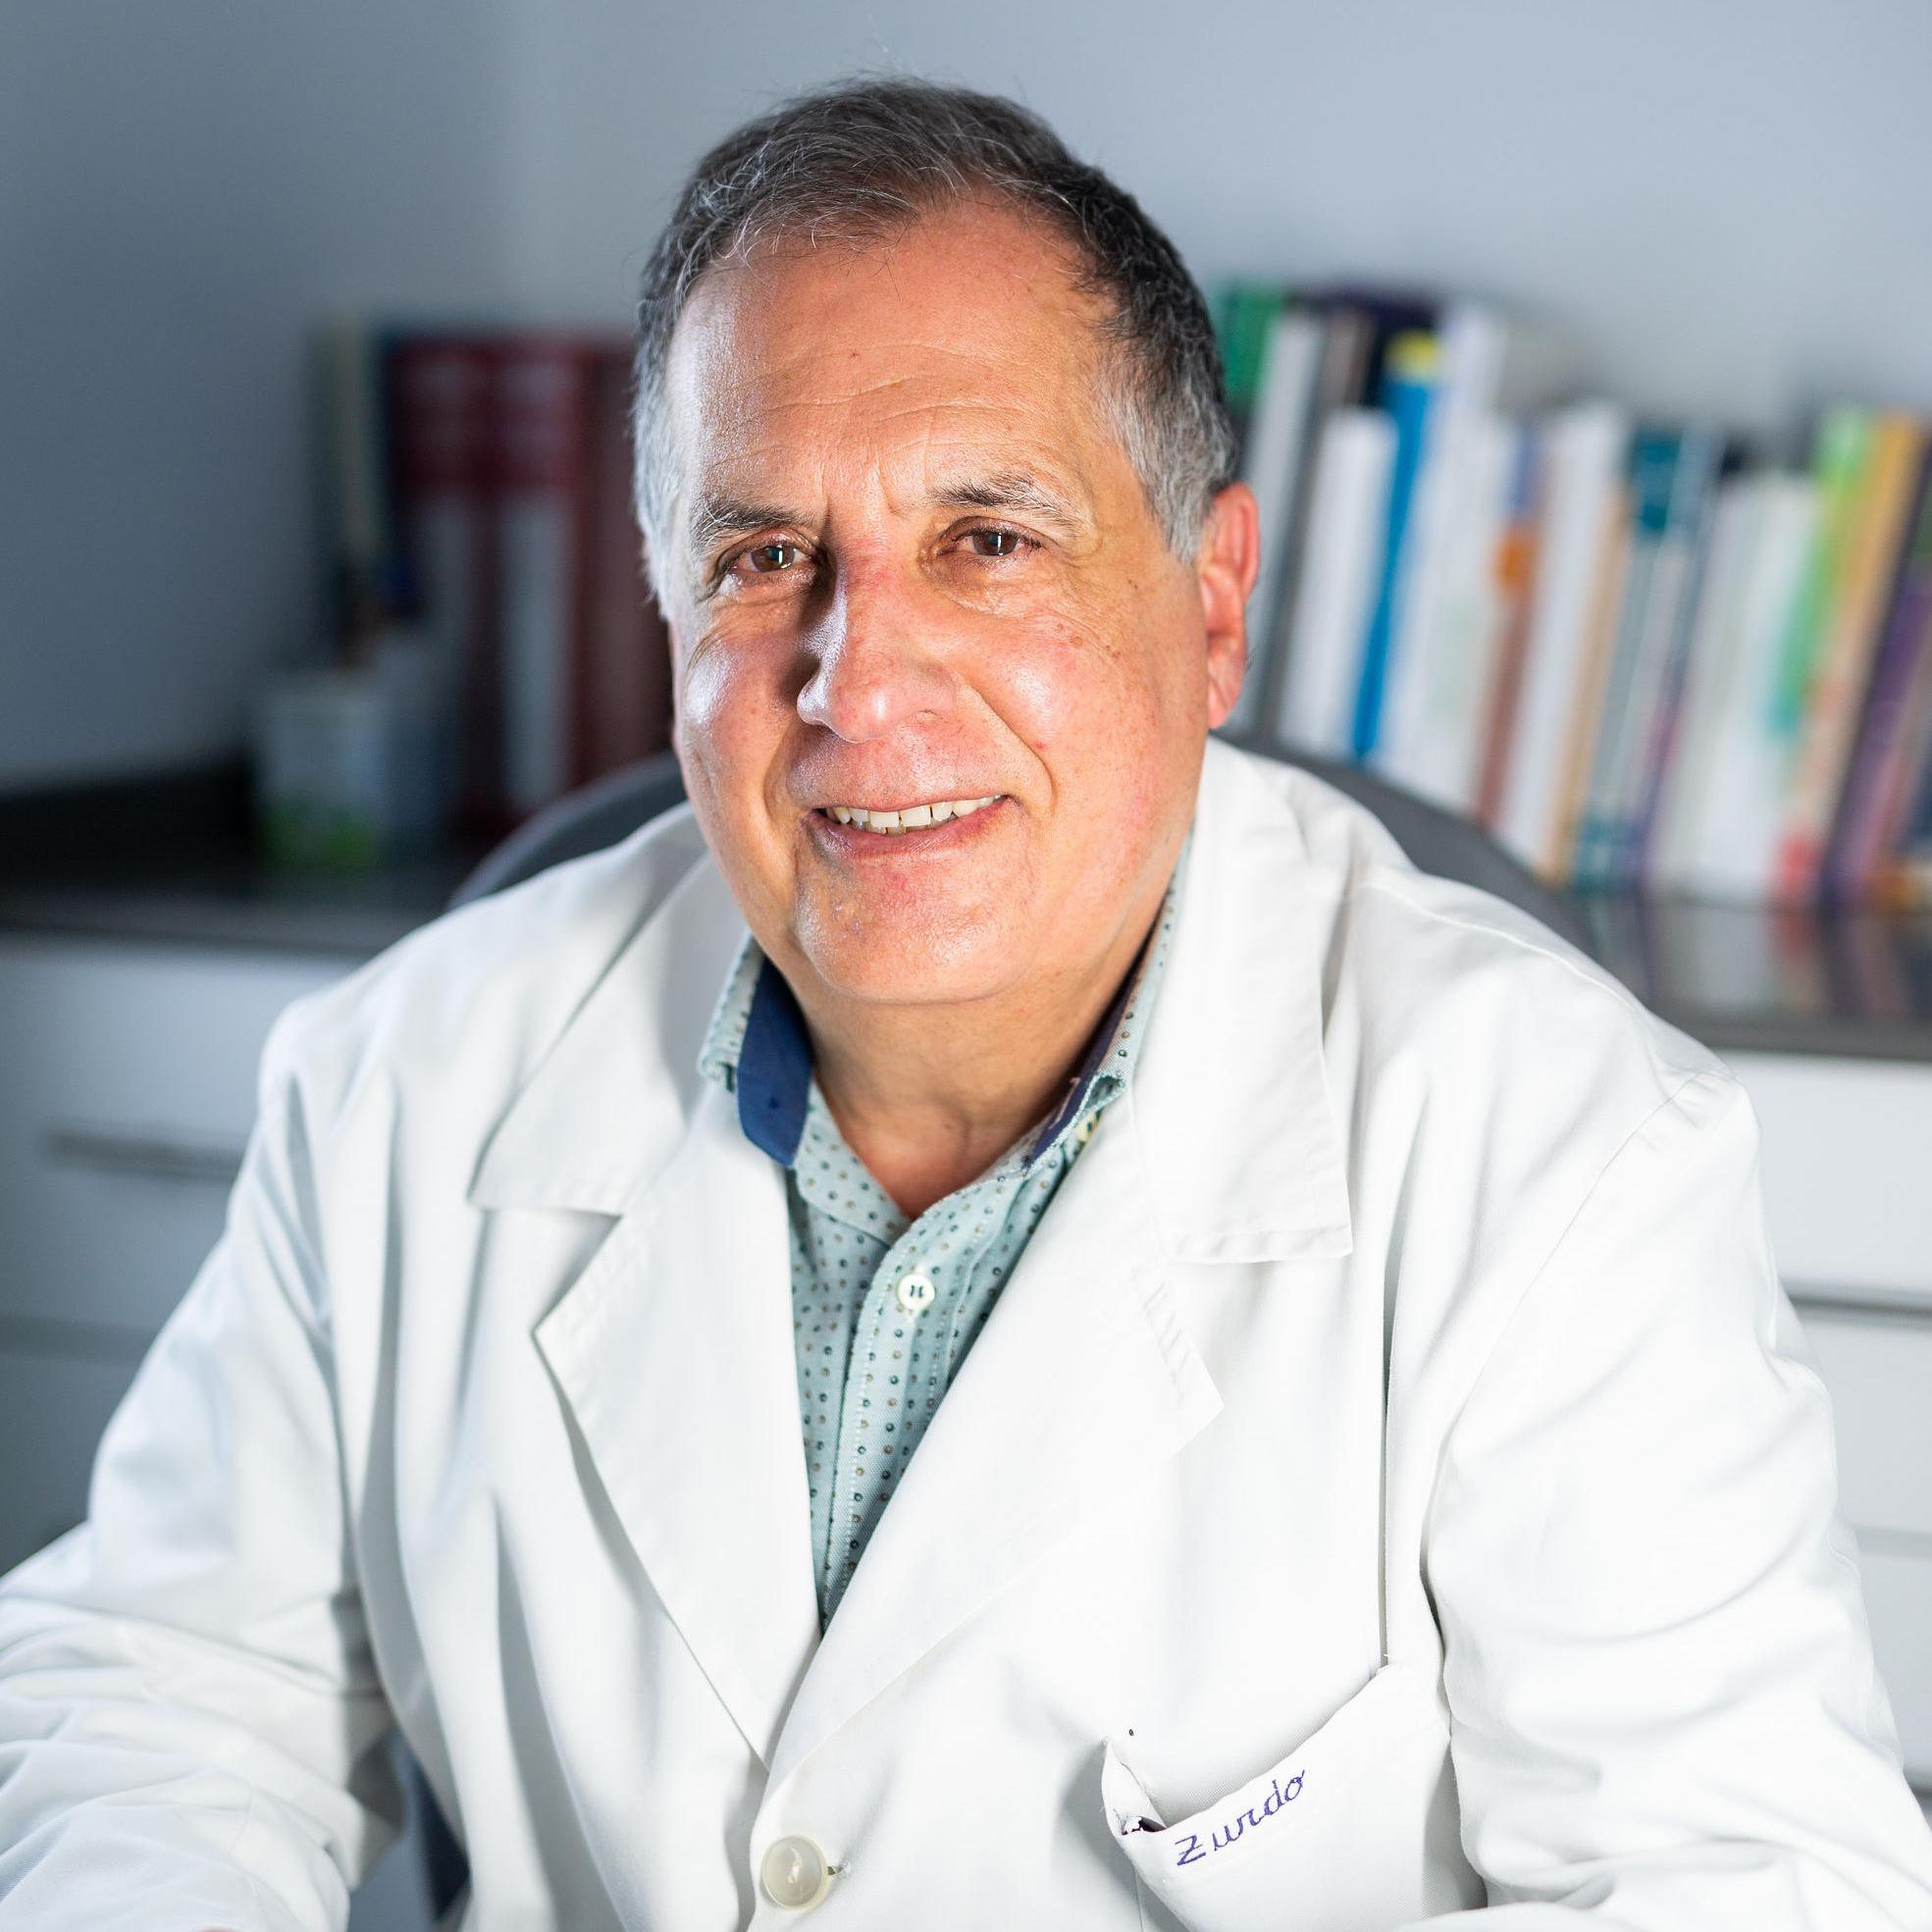 Dr. Zurdo